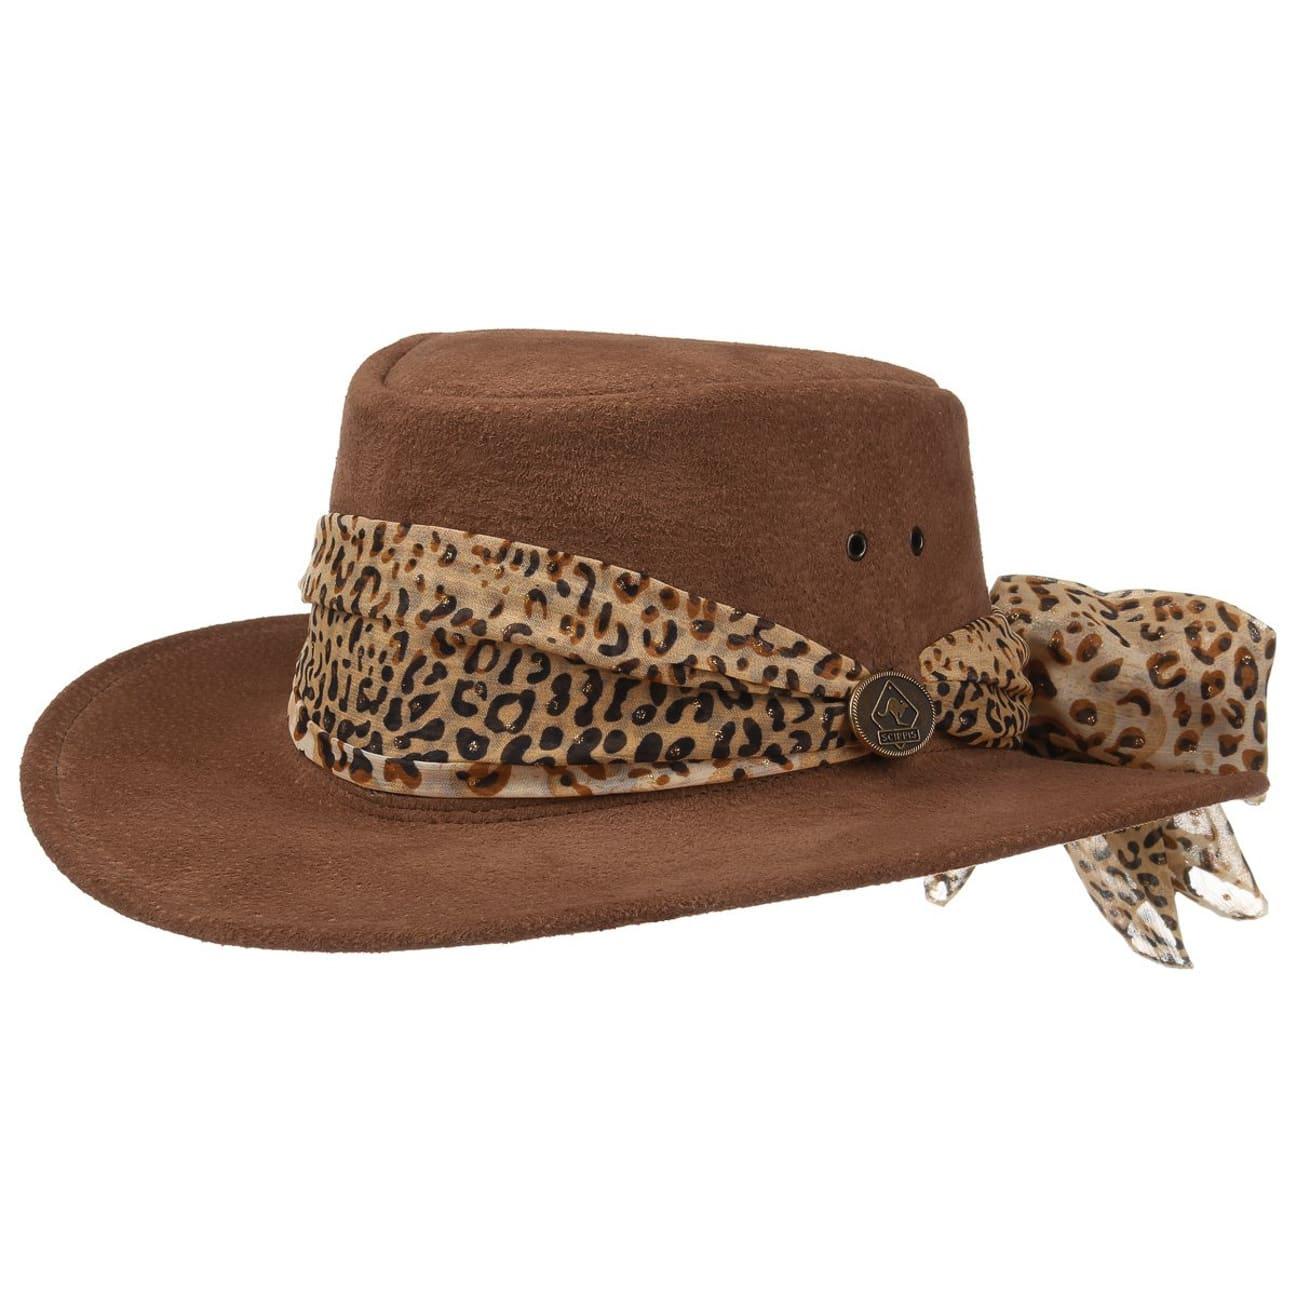 0917ad69f774a Sombrero Piel Australia Mujer by Scippis - Sombreros - sombreroshop.es